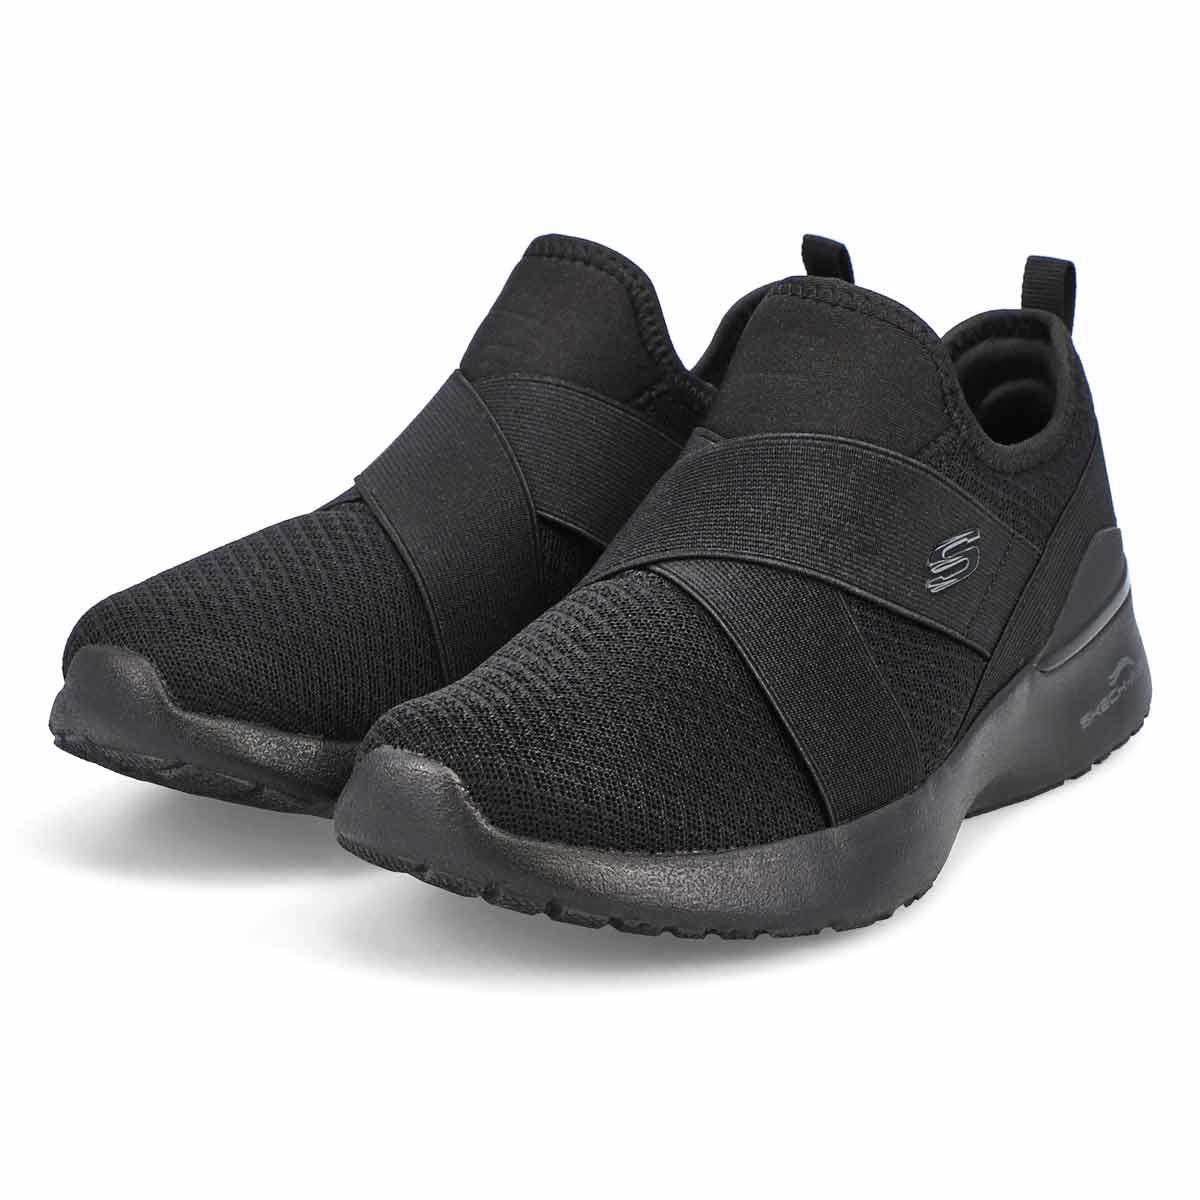 Women's Skech-Air Dynamight Sneaker - Black